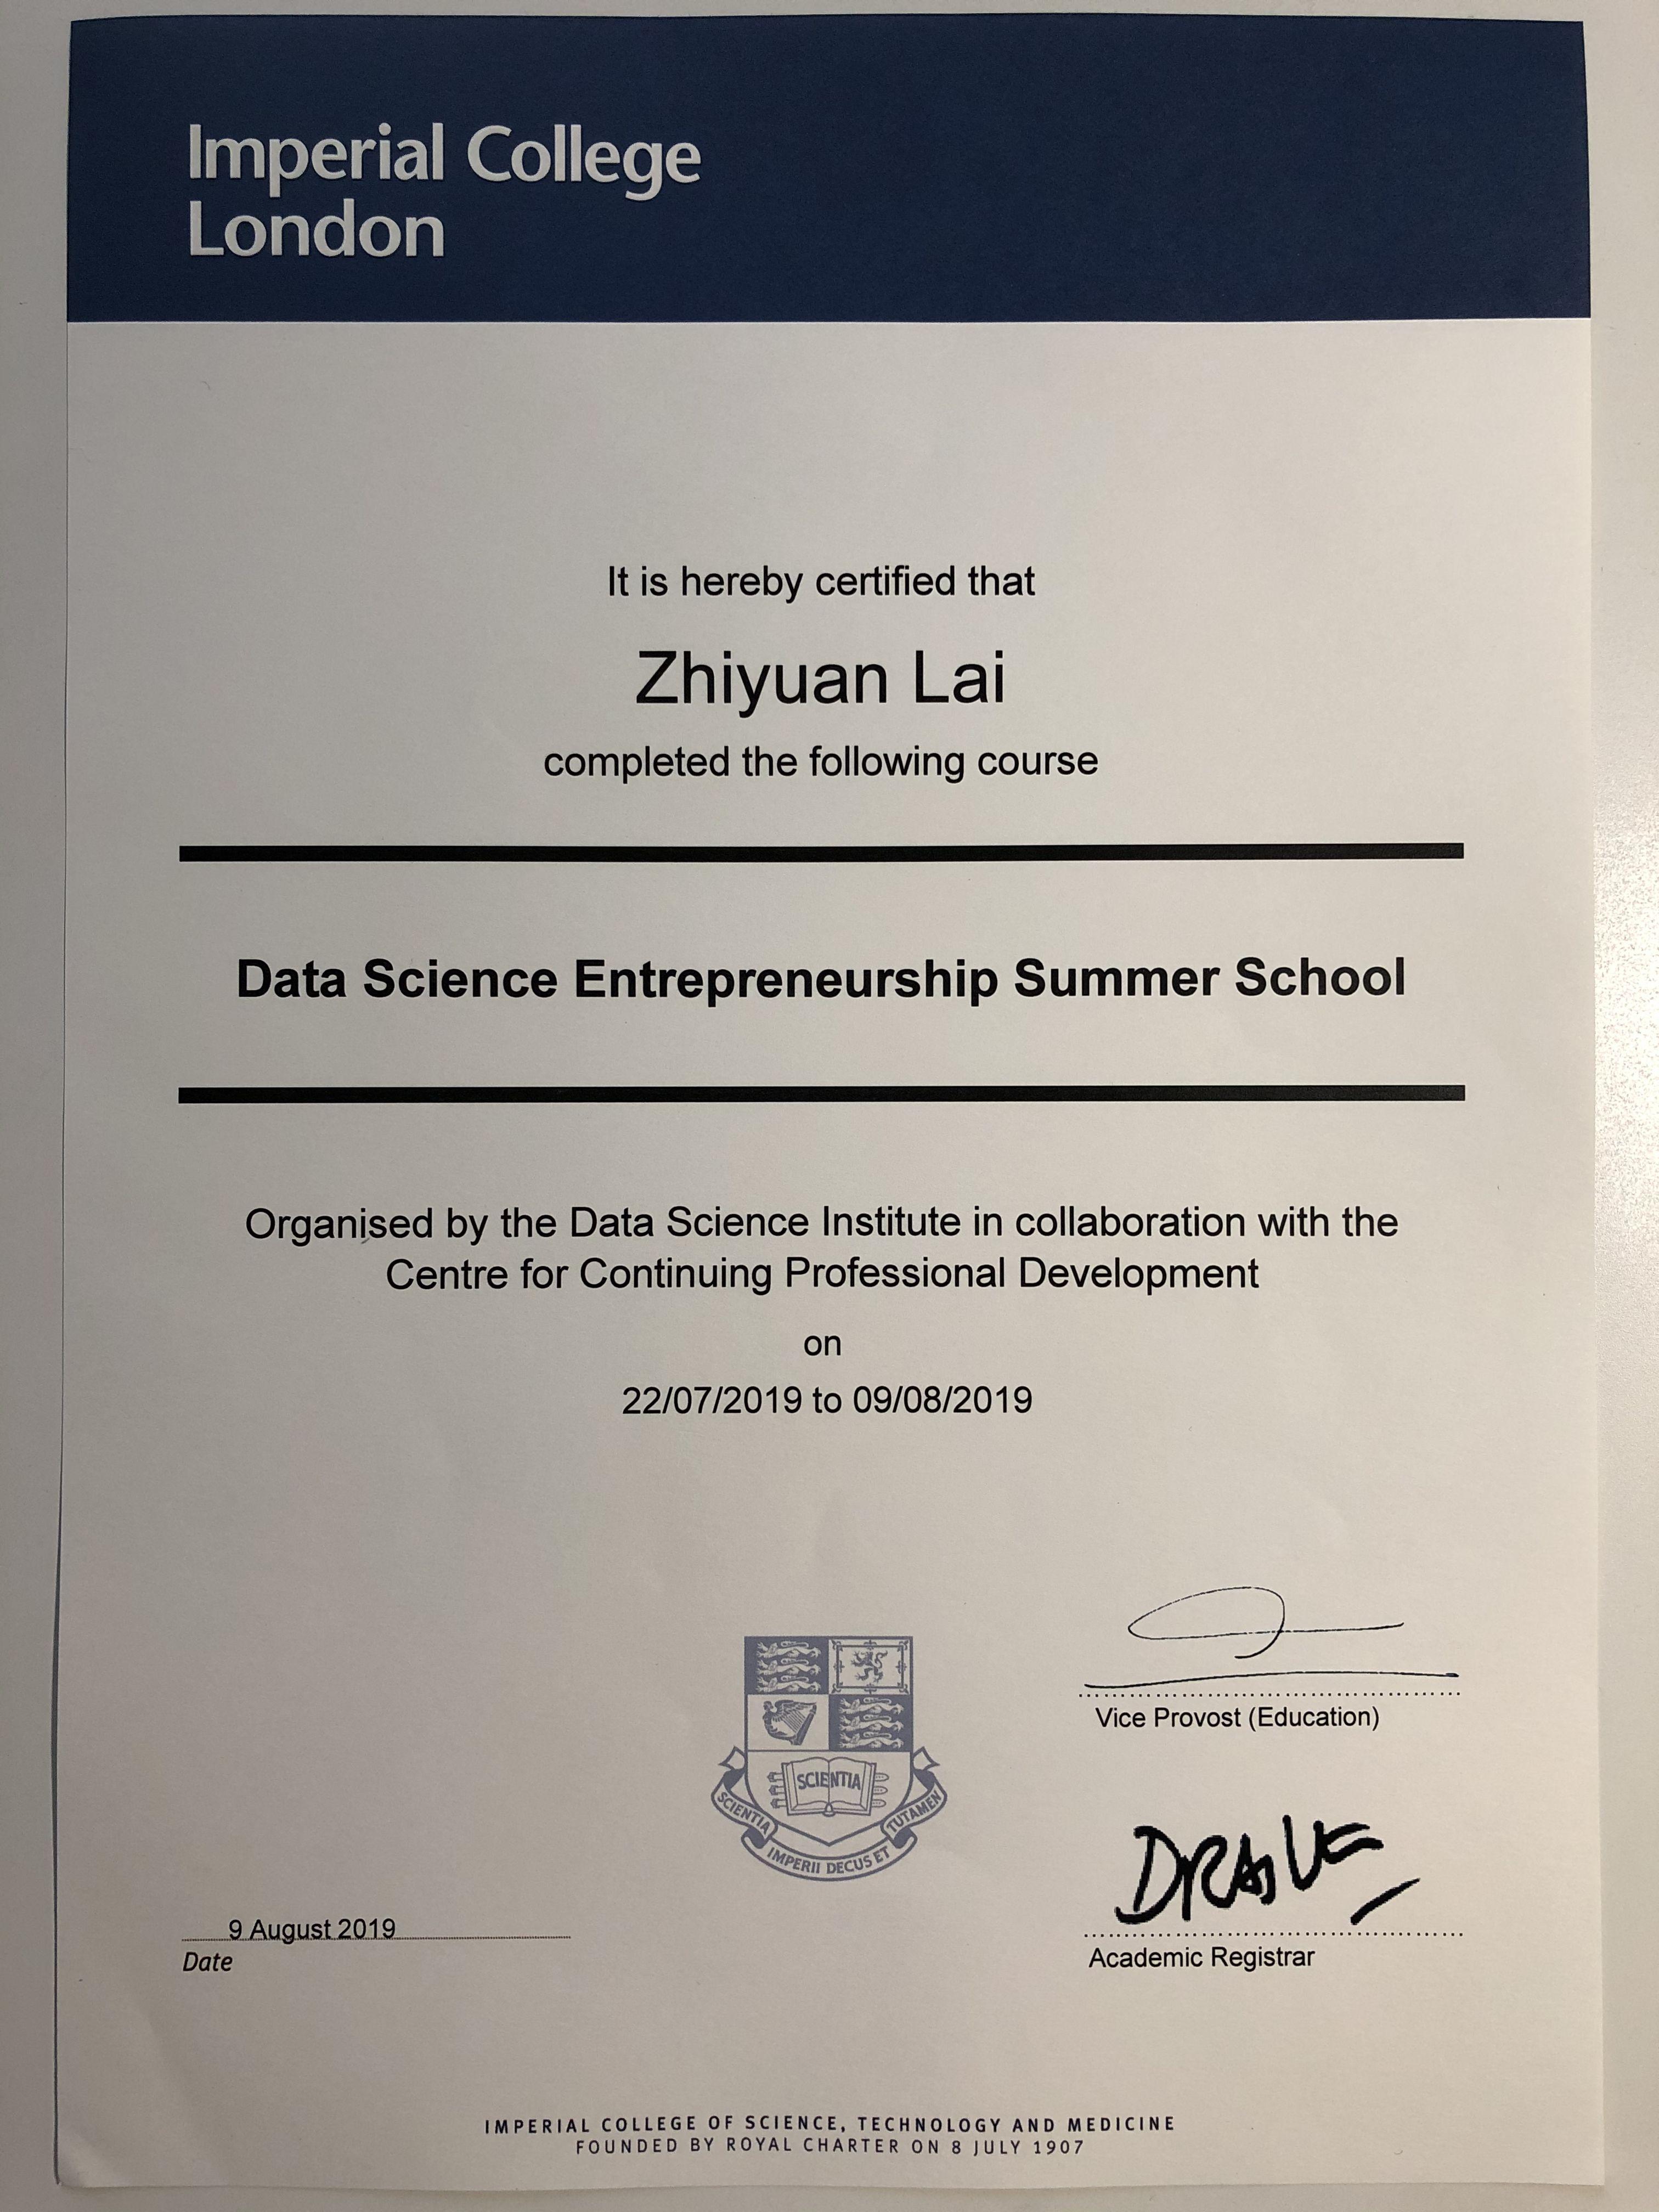 2019年暑假-证书-